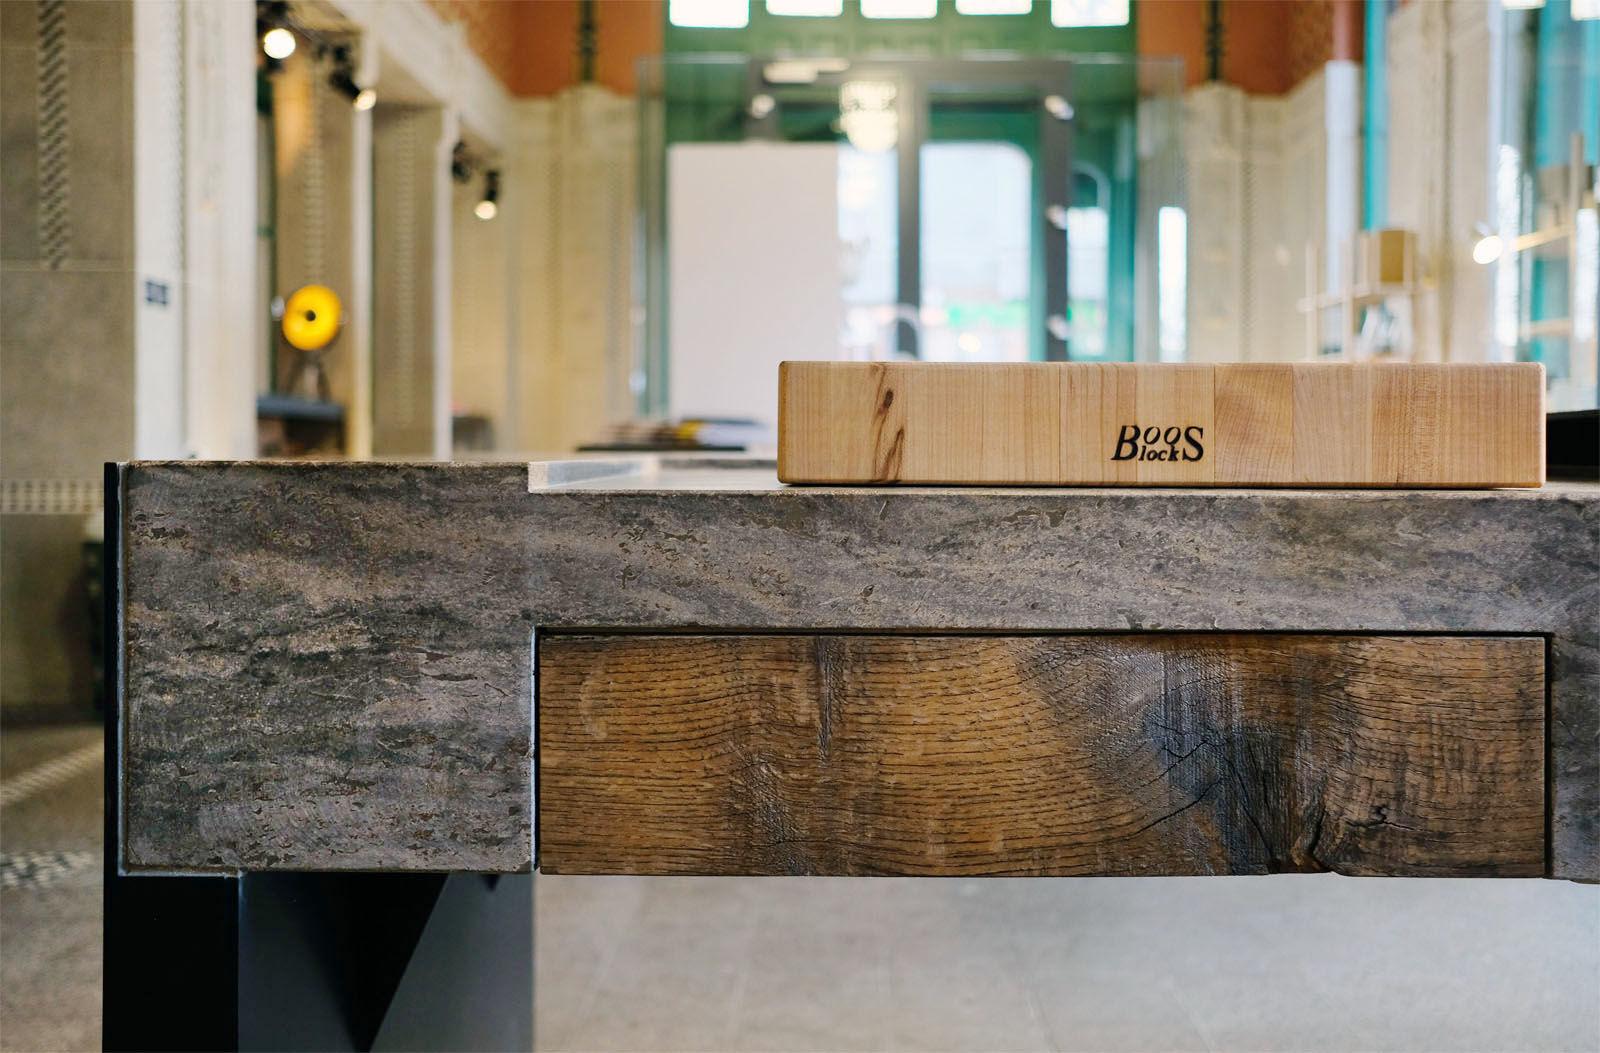 Outdoor Küche Aus Altem Holz : Stein holz stahl u küchen für drinnen und draußen am s bahnhof